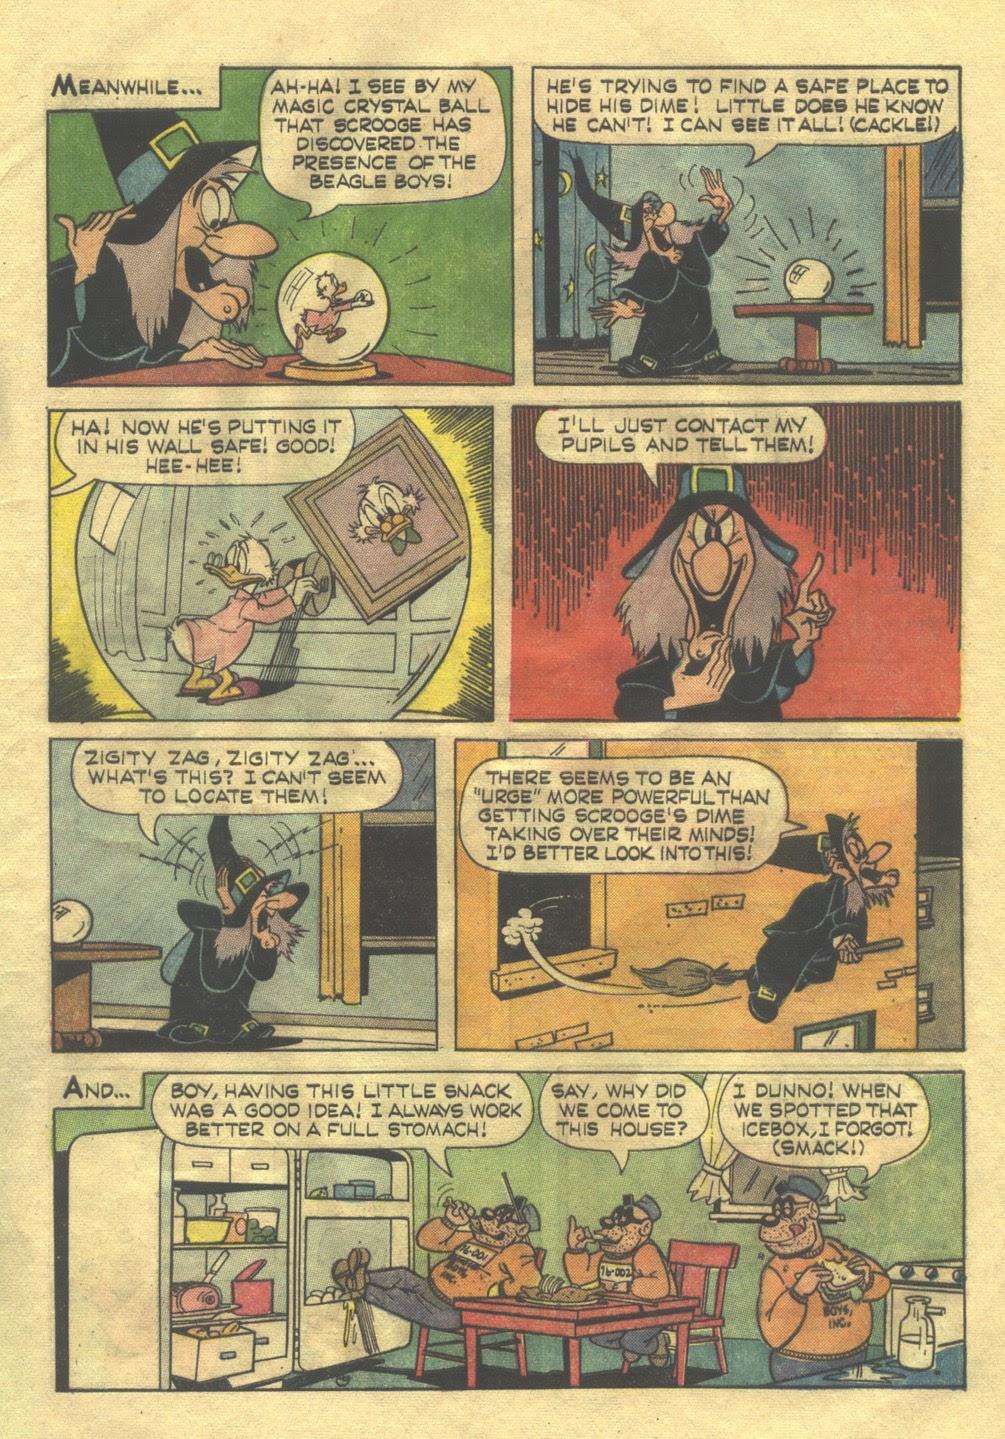 Walt Disney THE BEAGLE BOYS issue 2 - Page 9